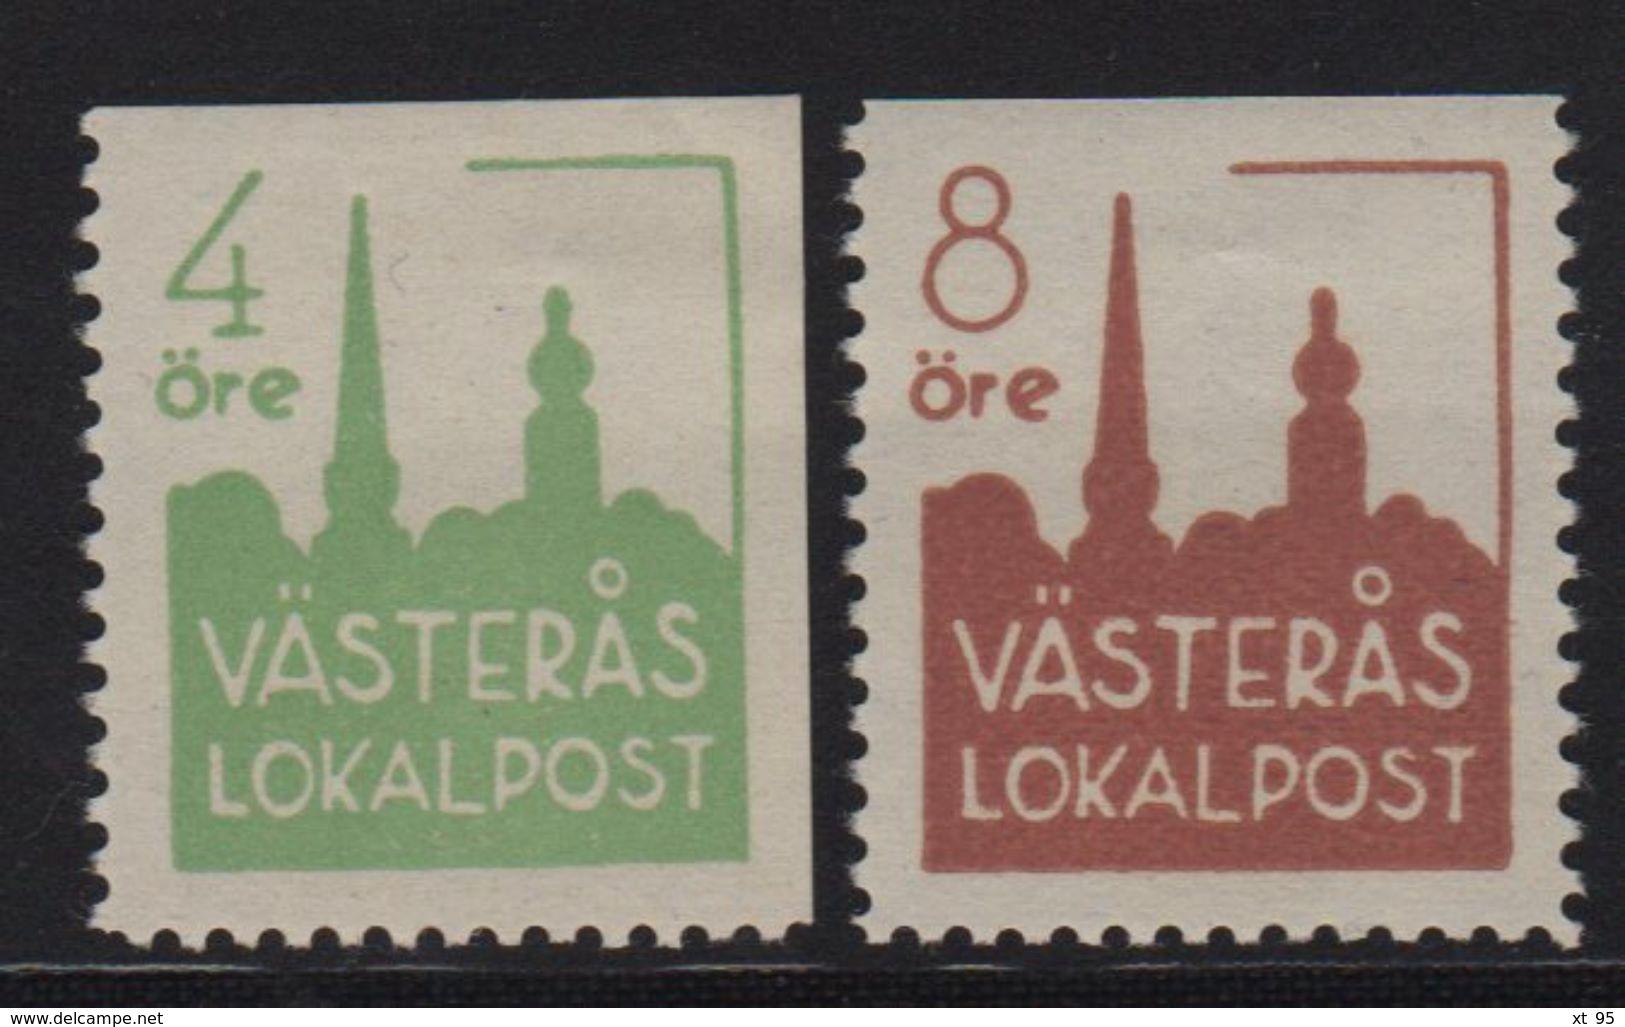 Norvege - Poste Locale - Vasteras - Norwegen